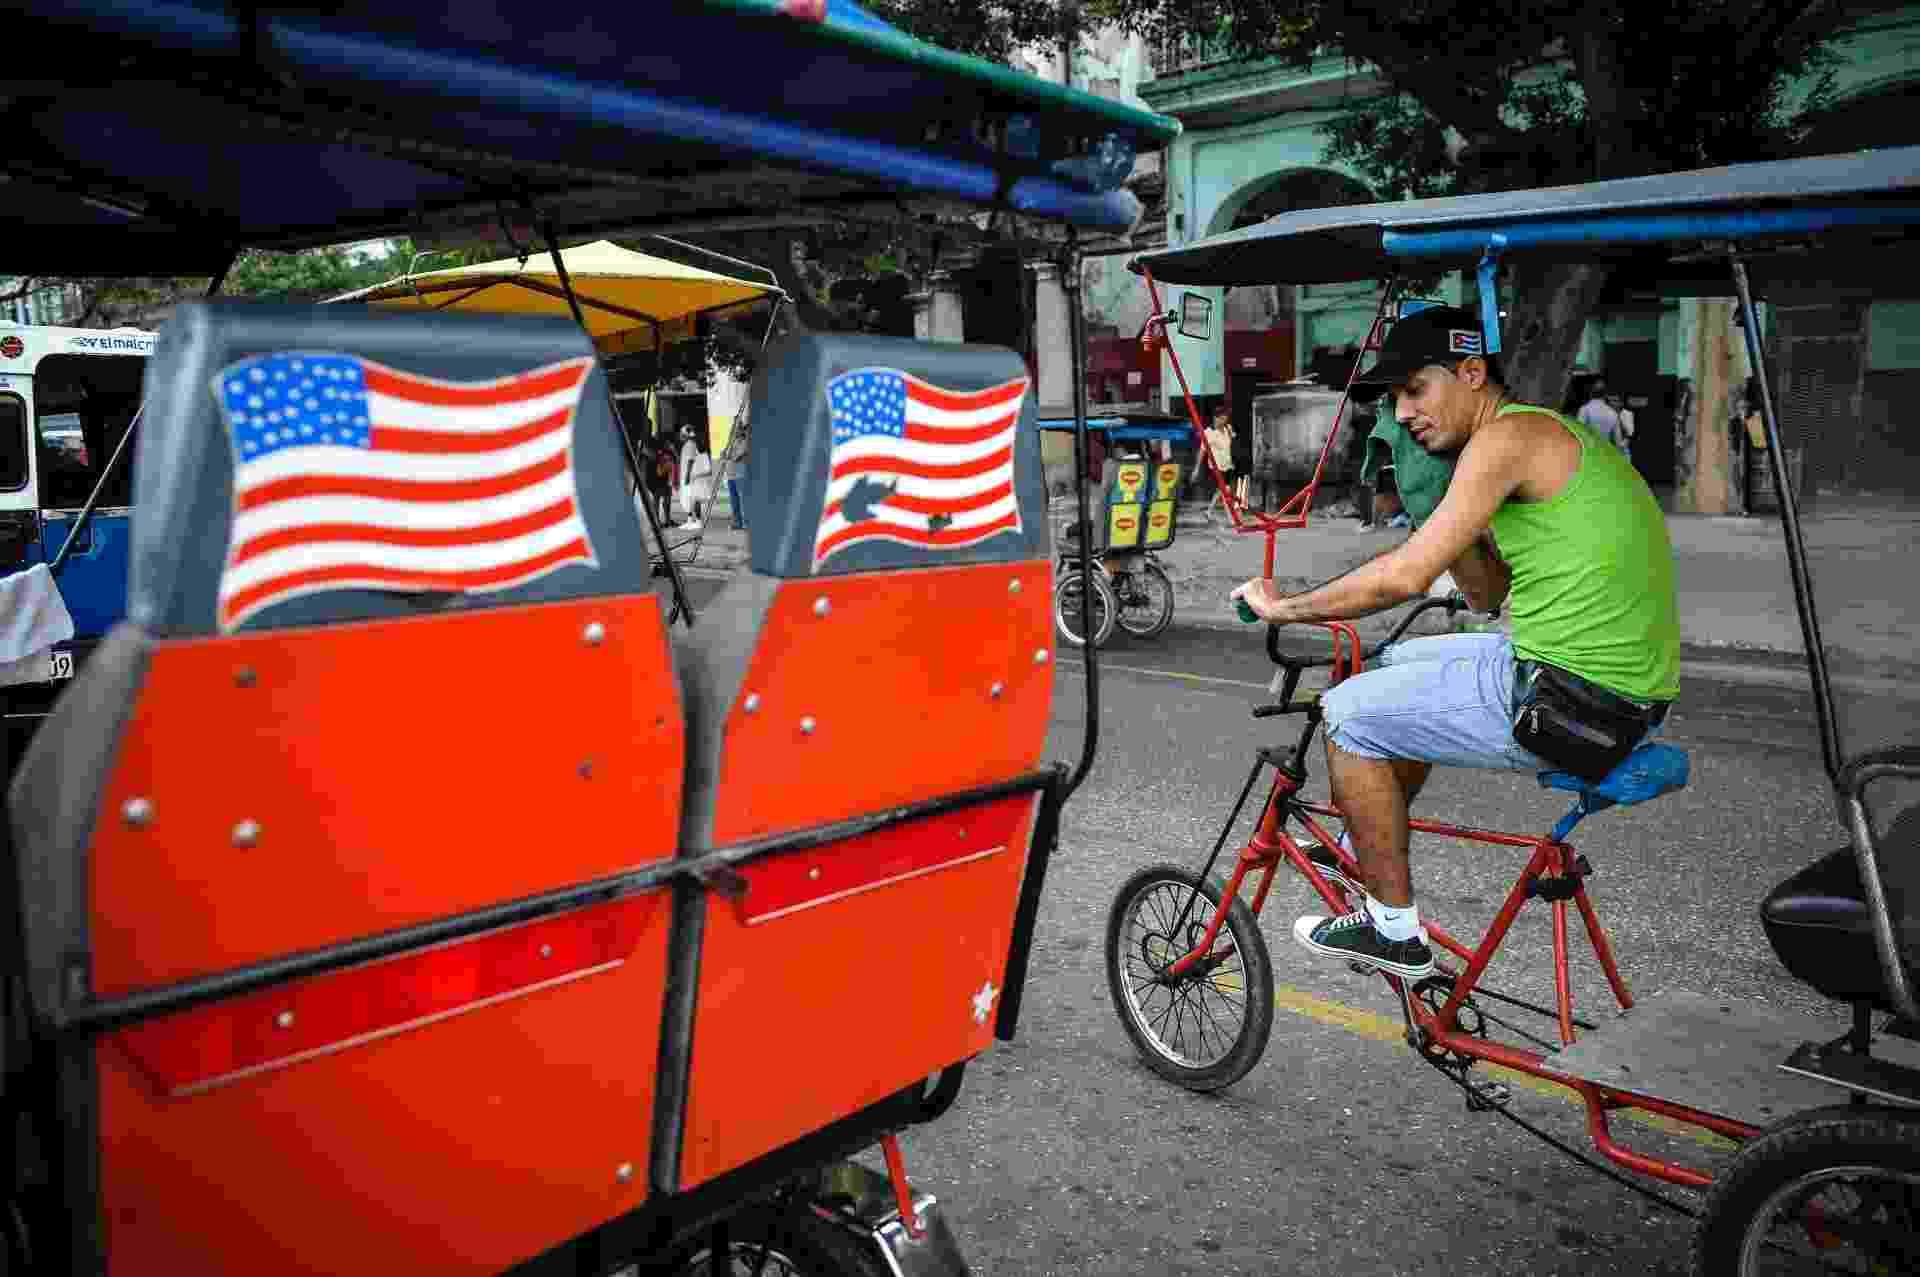 26.jan.2015 - Bandeiras dos Estados Unidos adornam um riquixá em Havana, Cuba - Yamil  Lage/AFP